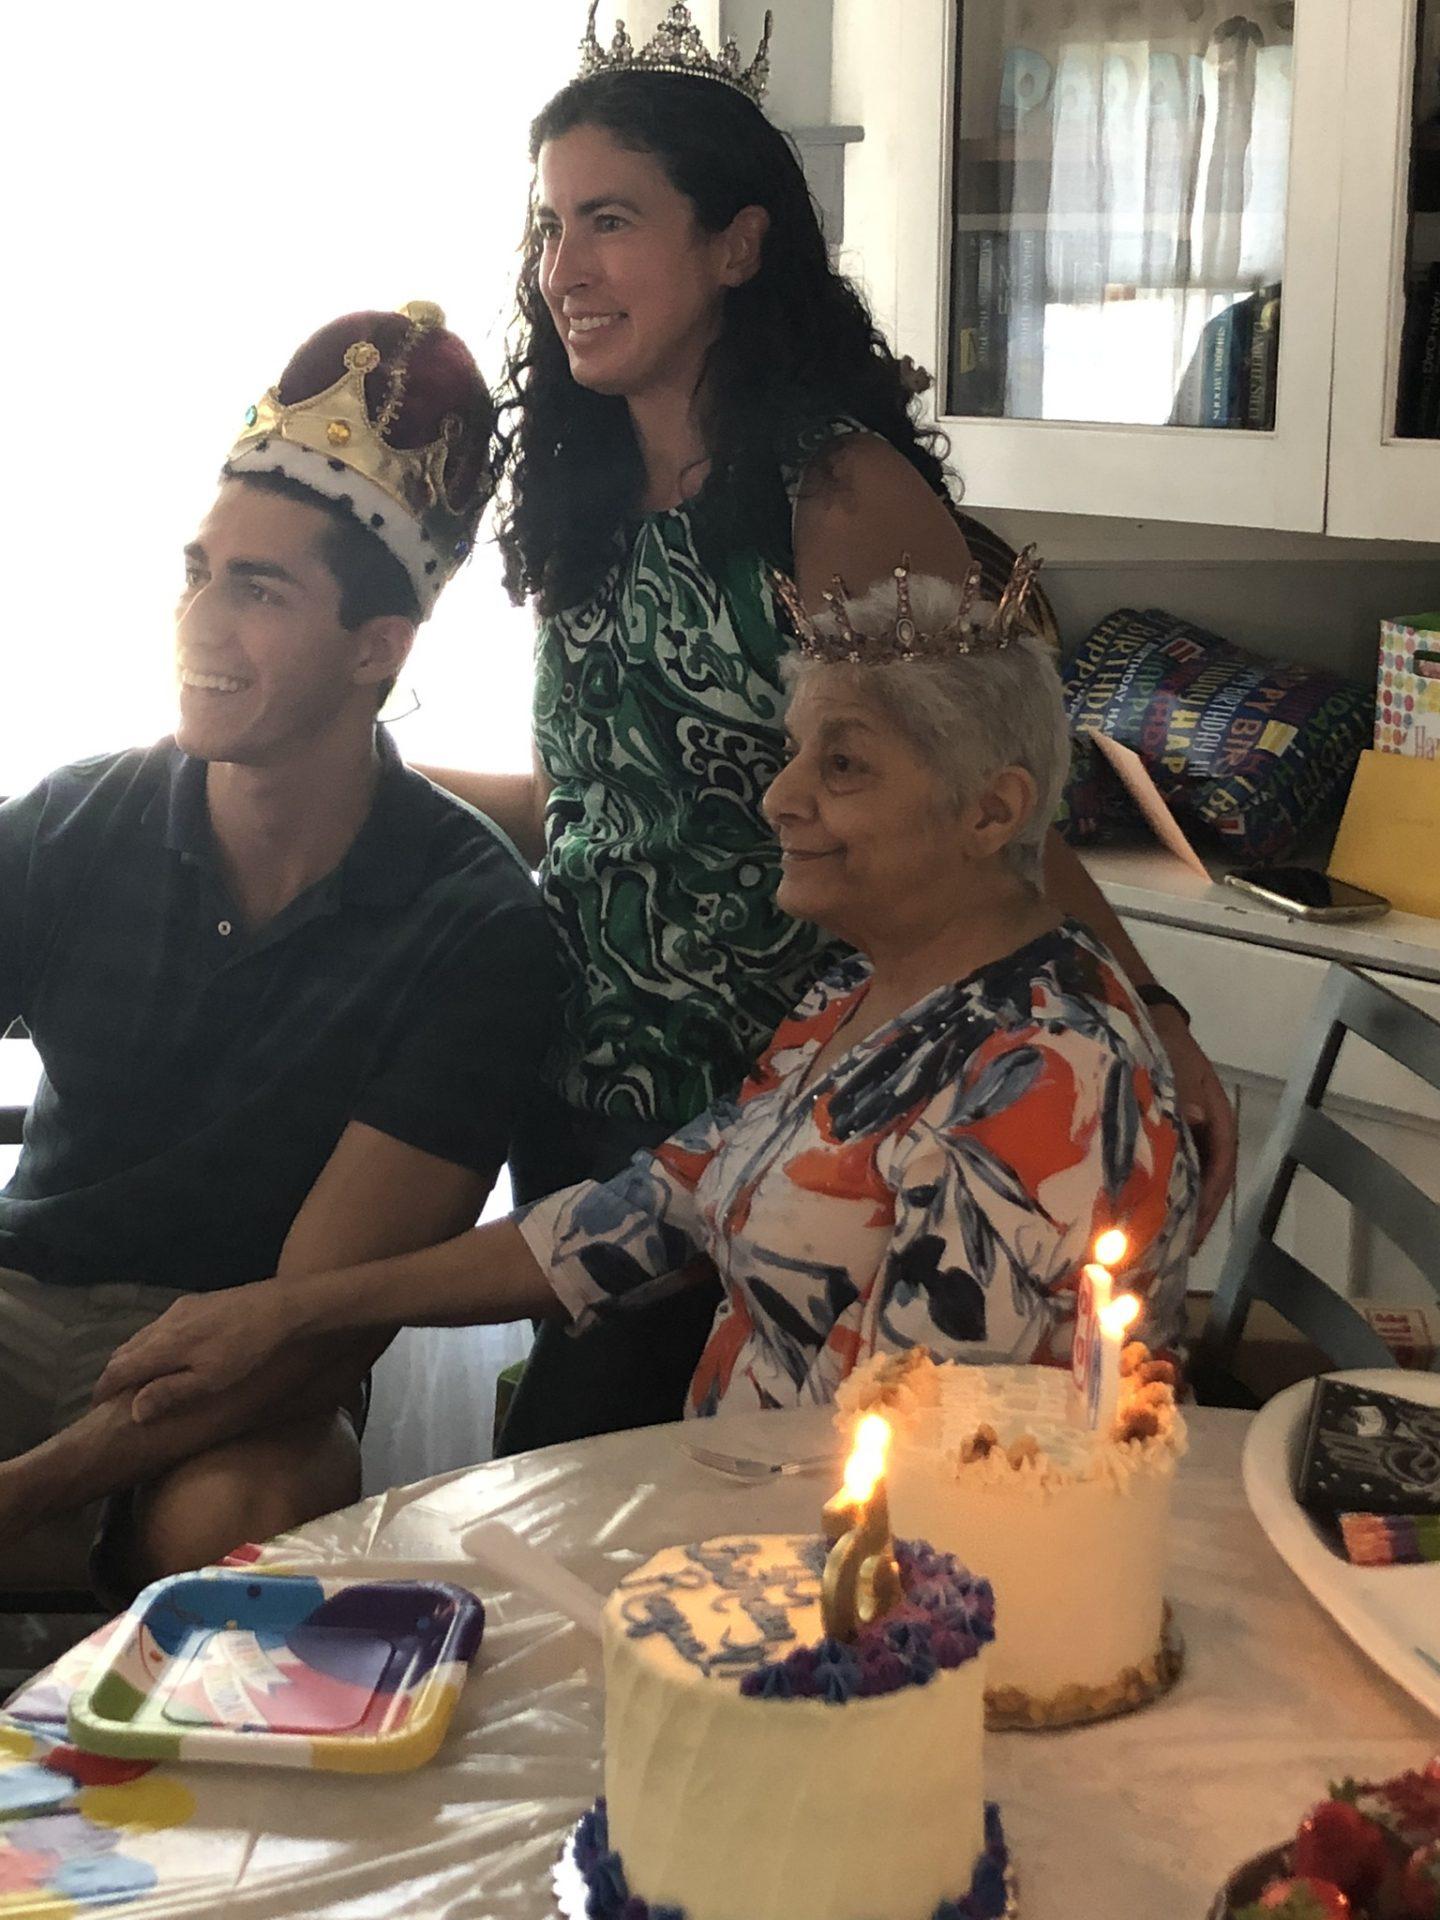 Pat's 80th surprise celebration, also Joshua Lee's and Raquel Dallas's birthday